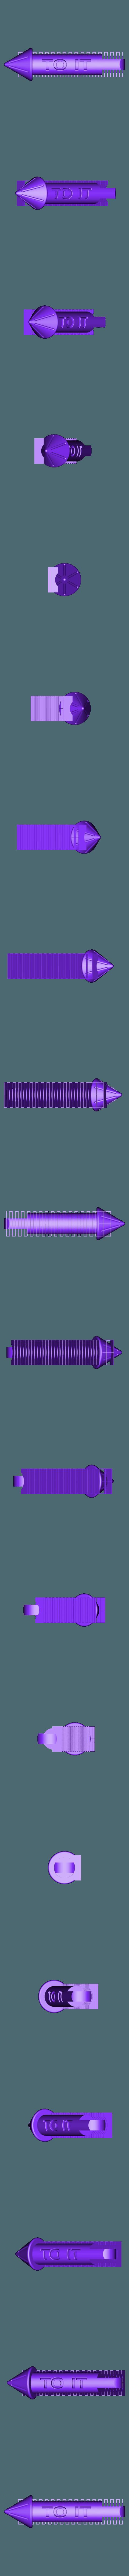 TO_IT.stl Télécharger fichier STL gratuit arrondi à l'informatique • Plan pour imprimante 3D, Muzz64